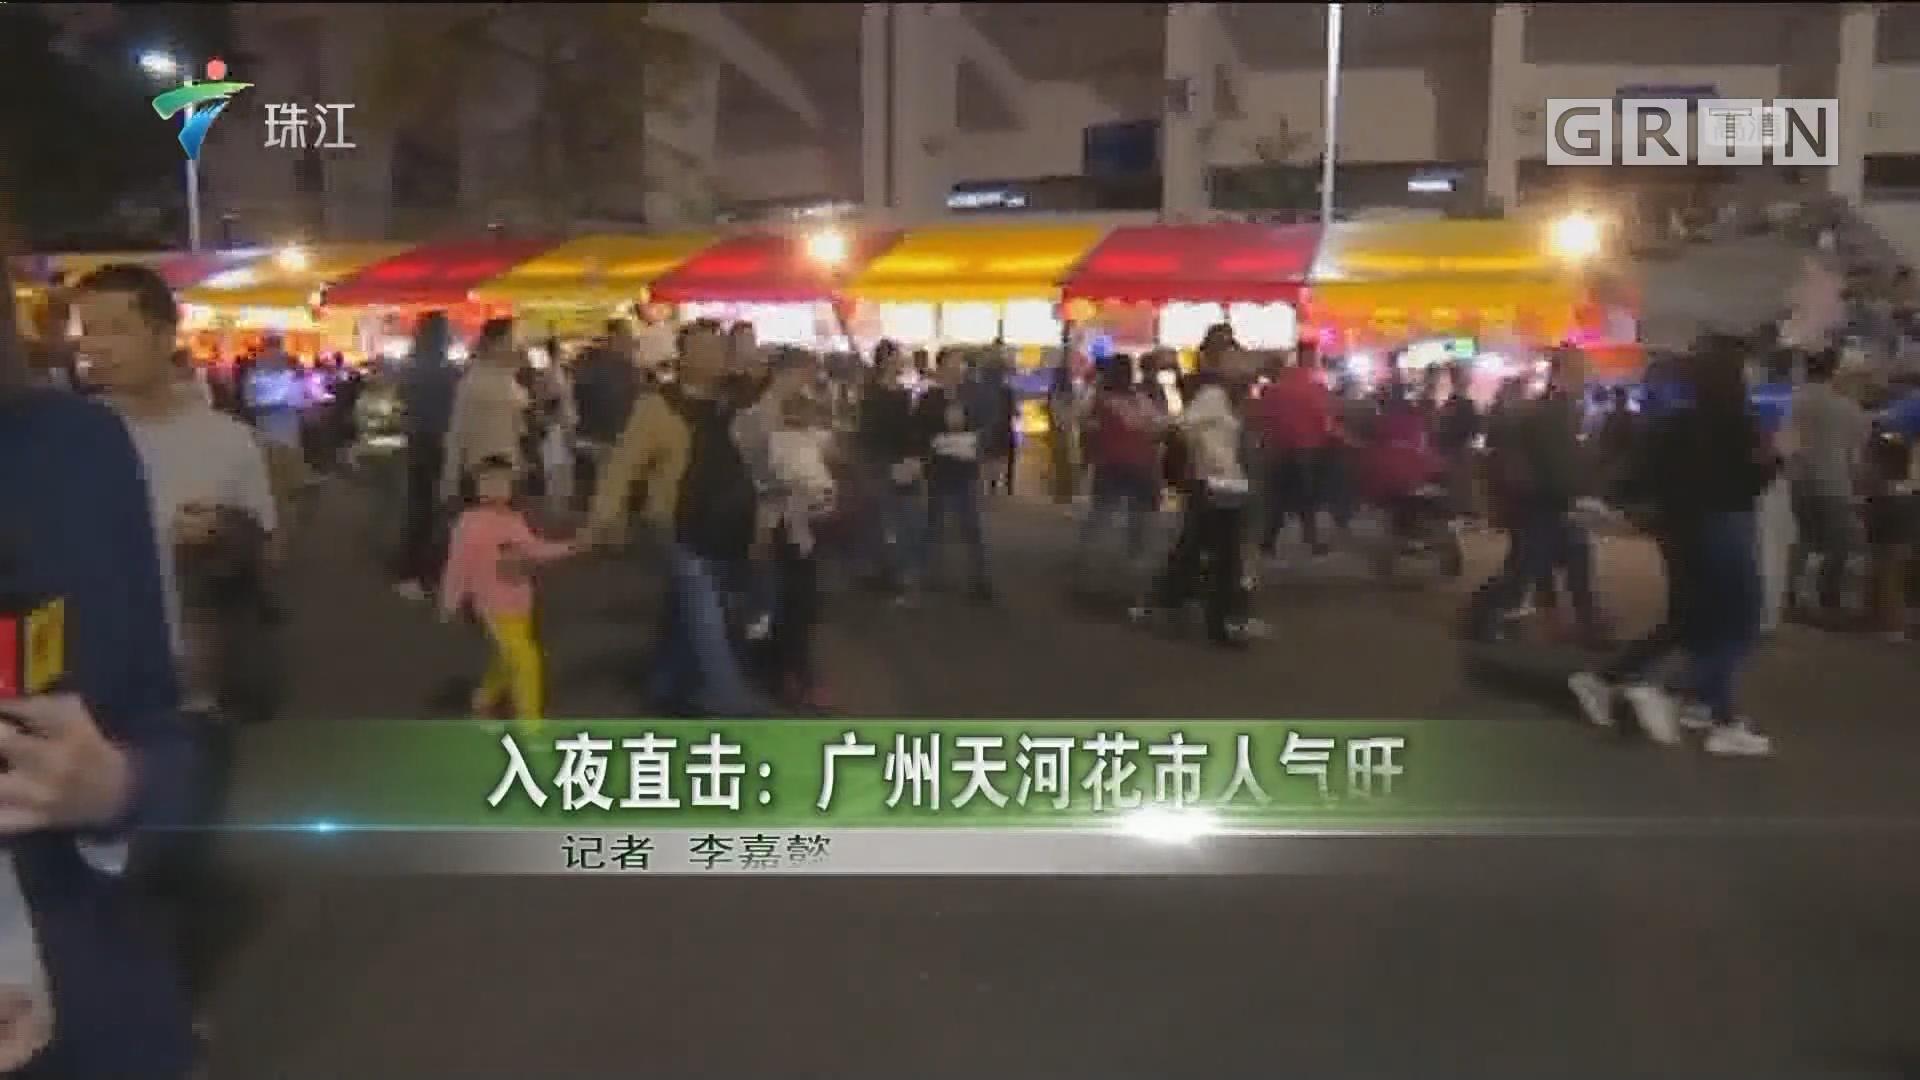 入夜直击:广州天河花市人气旺